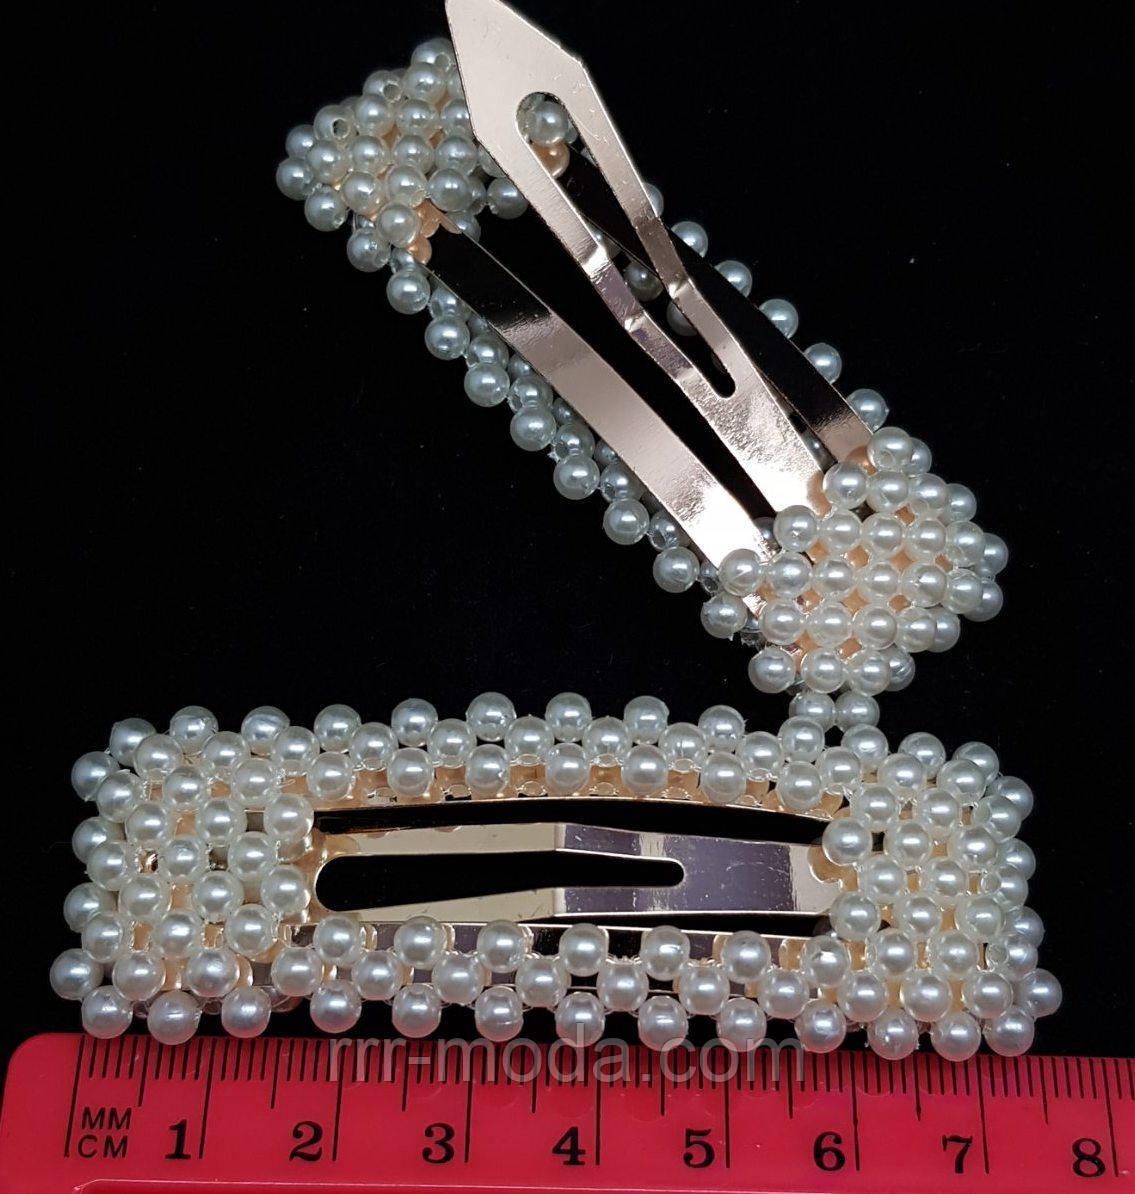 Брендовые заколки (7.5 см) с жемчугом по 13 грн/шт. Модные украшения для волос от Бижутерия оптом RRR